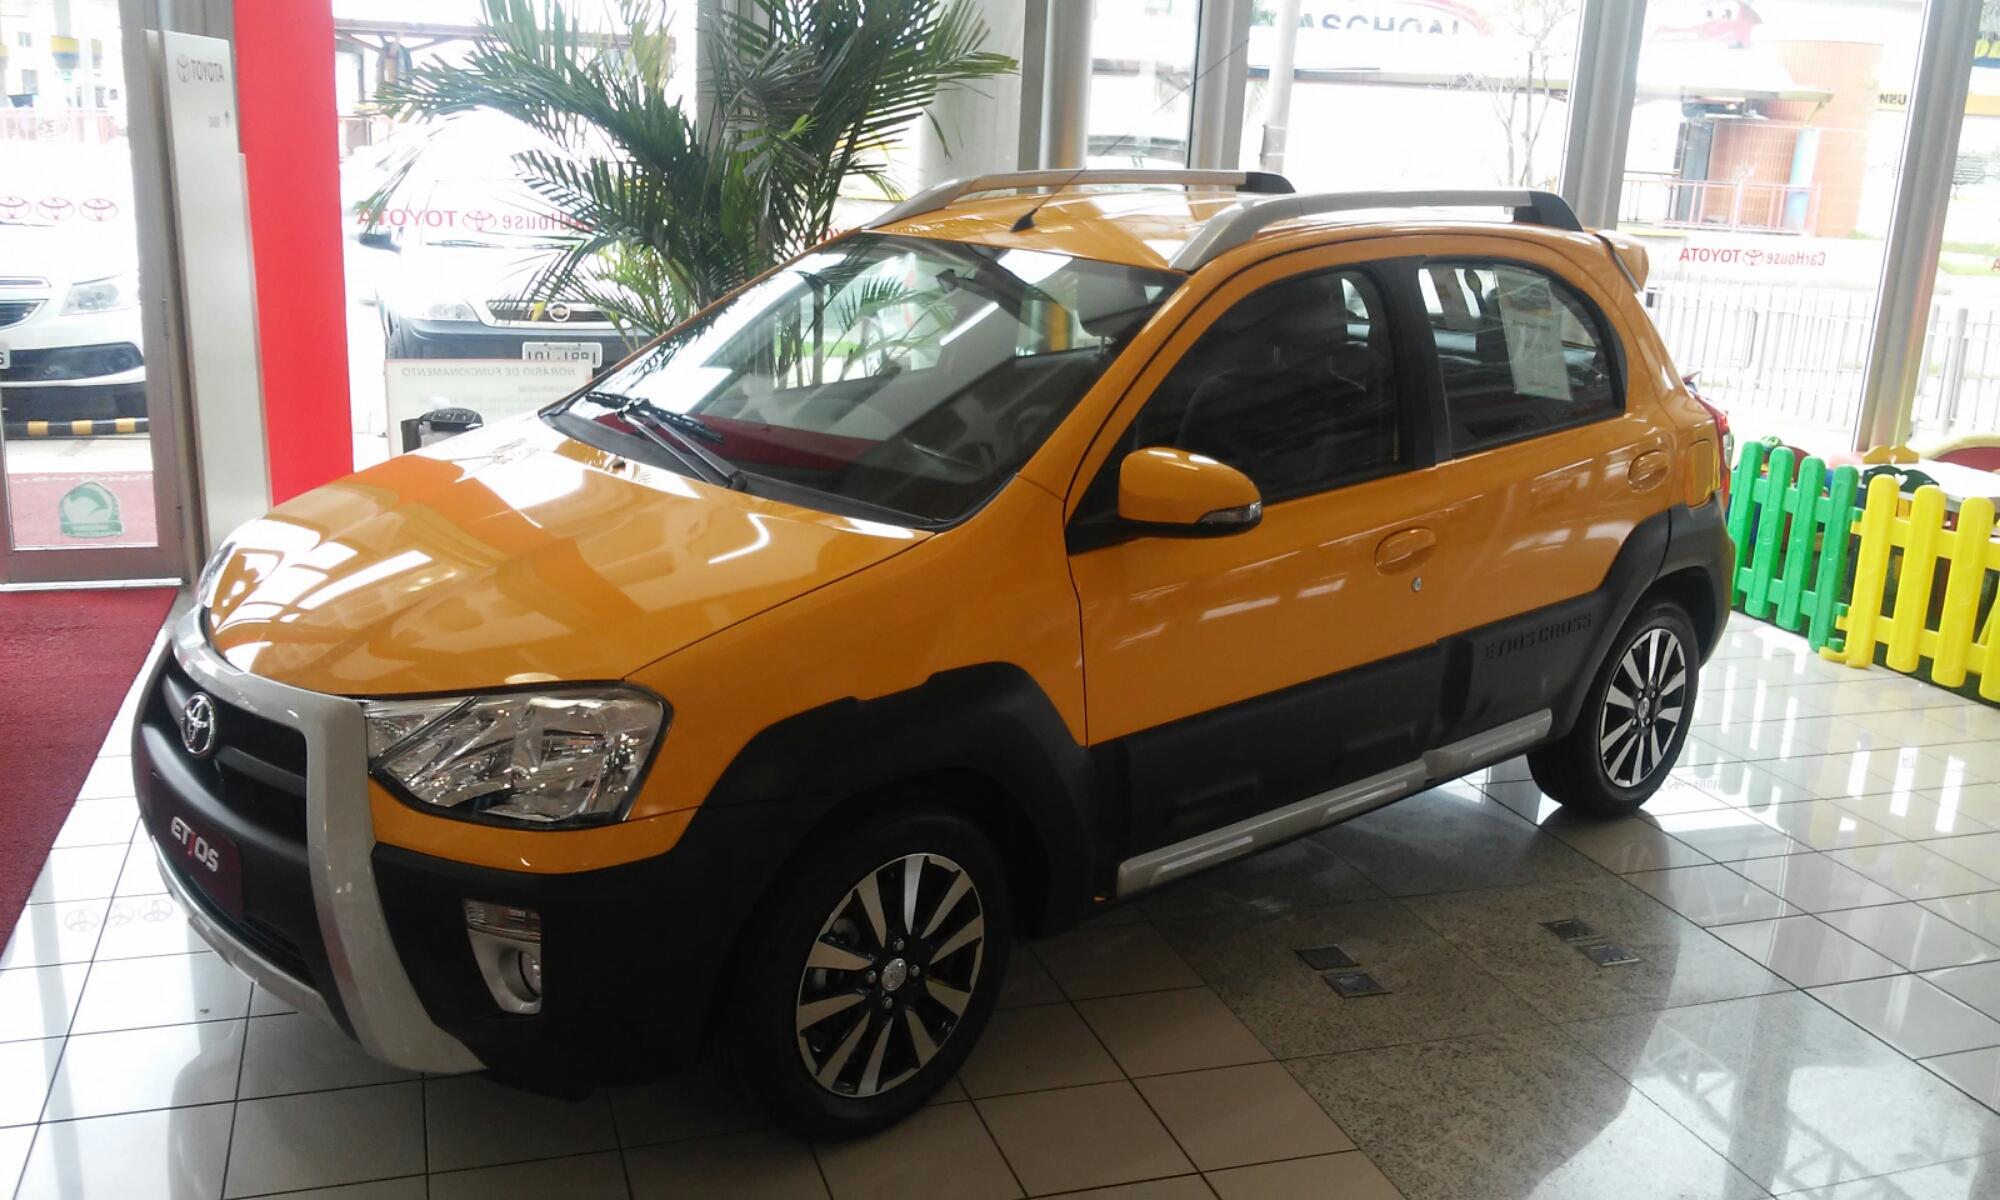 Modelo Etios chegou ao mercado brasileiro em 2012, nas versões hatch e sedan. Fotos: Divulgação